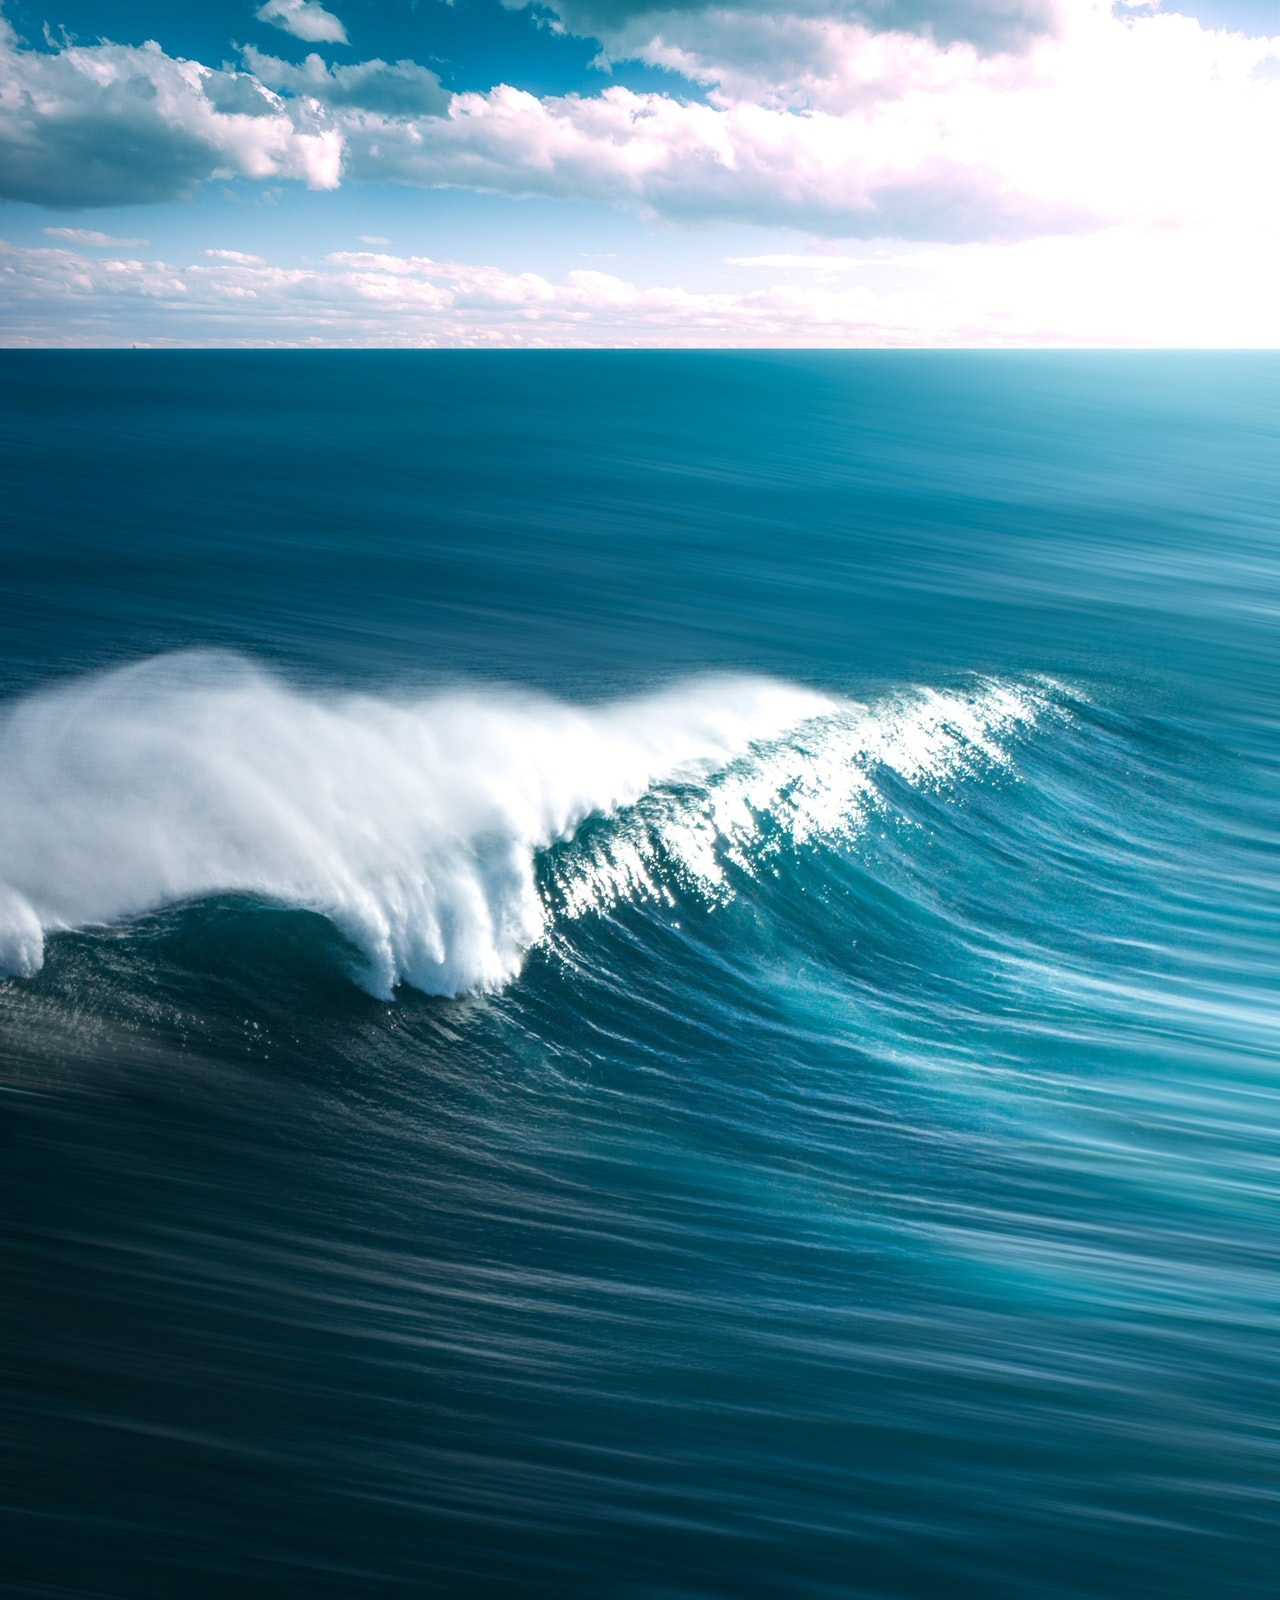 80 Koleksi Gambar Pemandangan Di Laut HD Terbaik